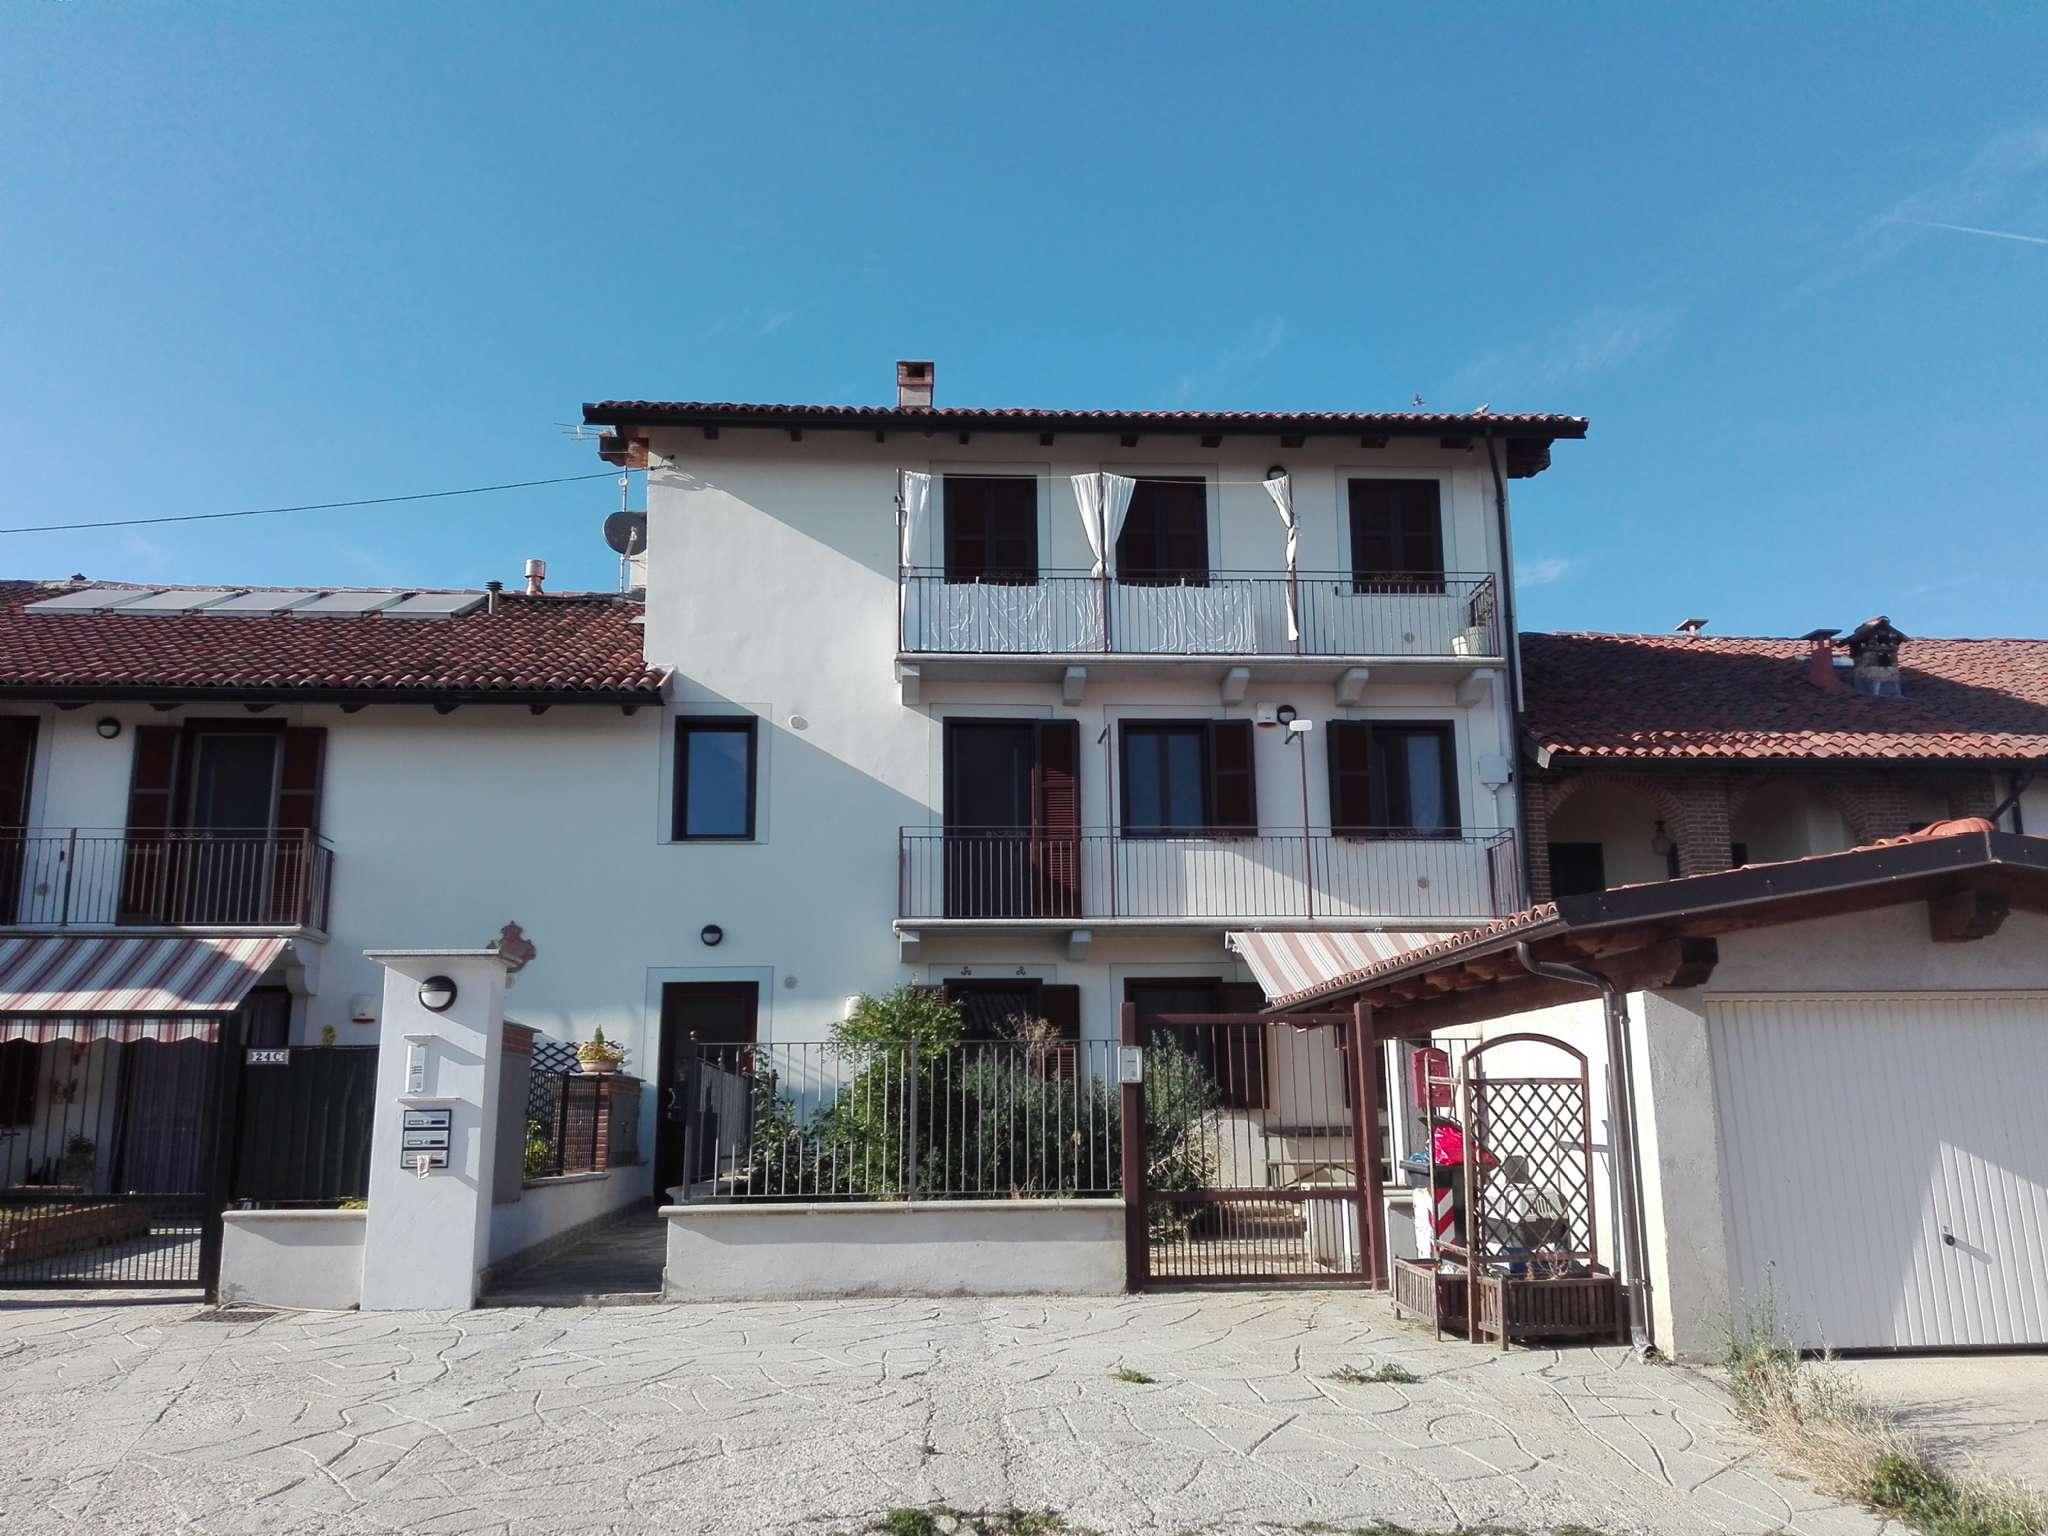 Appartamento in vendita a Moriondo Torinese, 3 locali, prezzo € 148.000 | CambioCasa.it